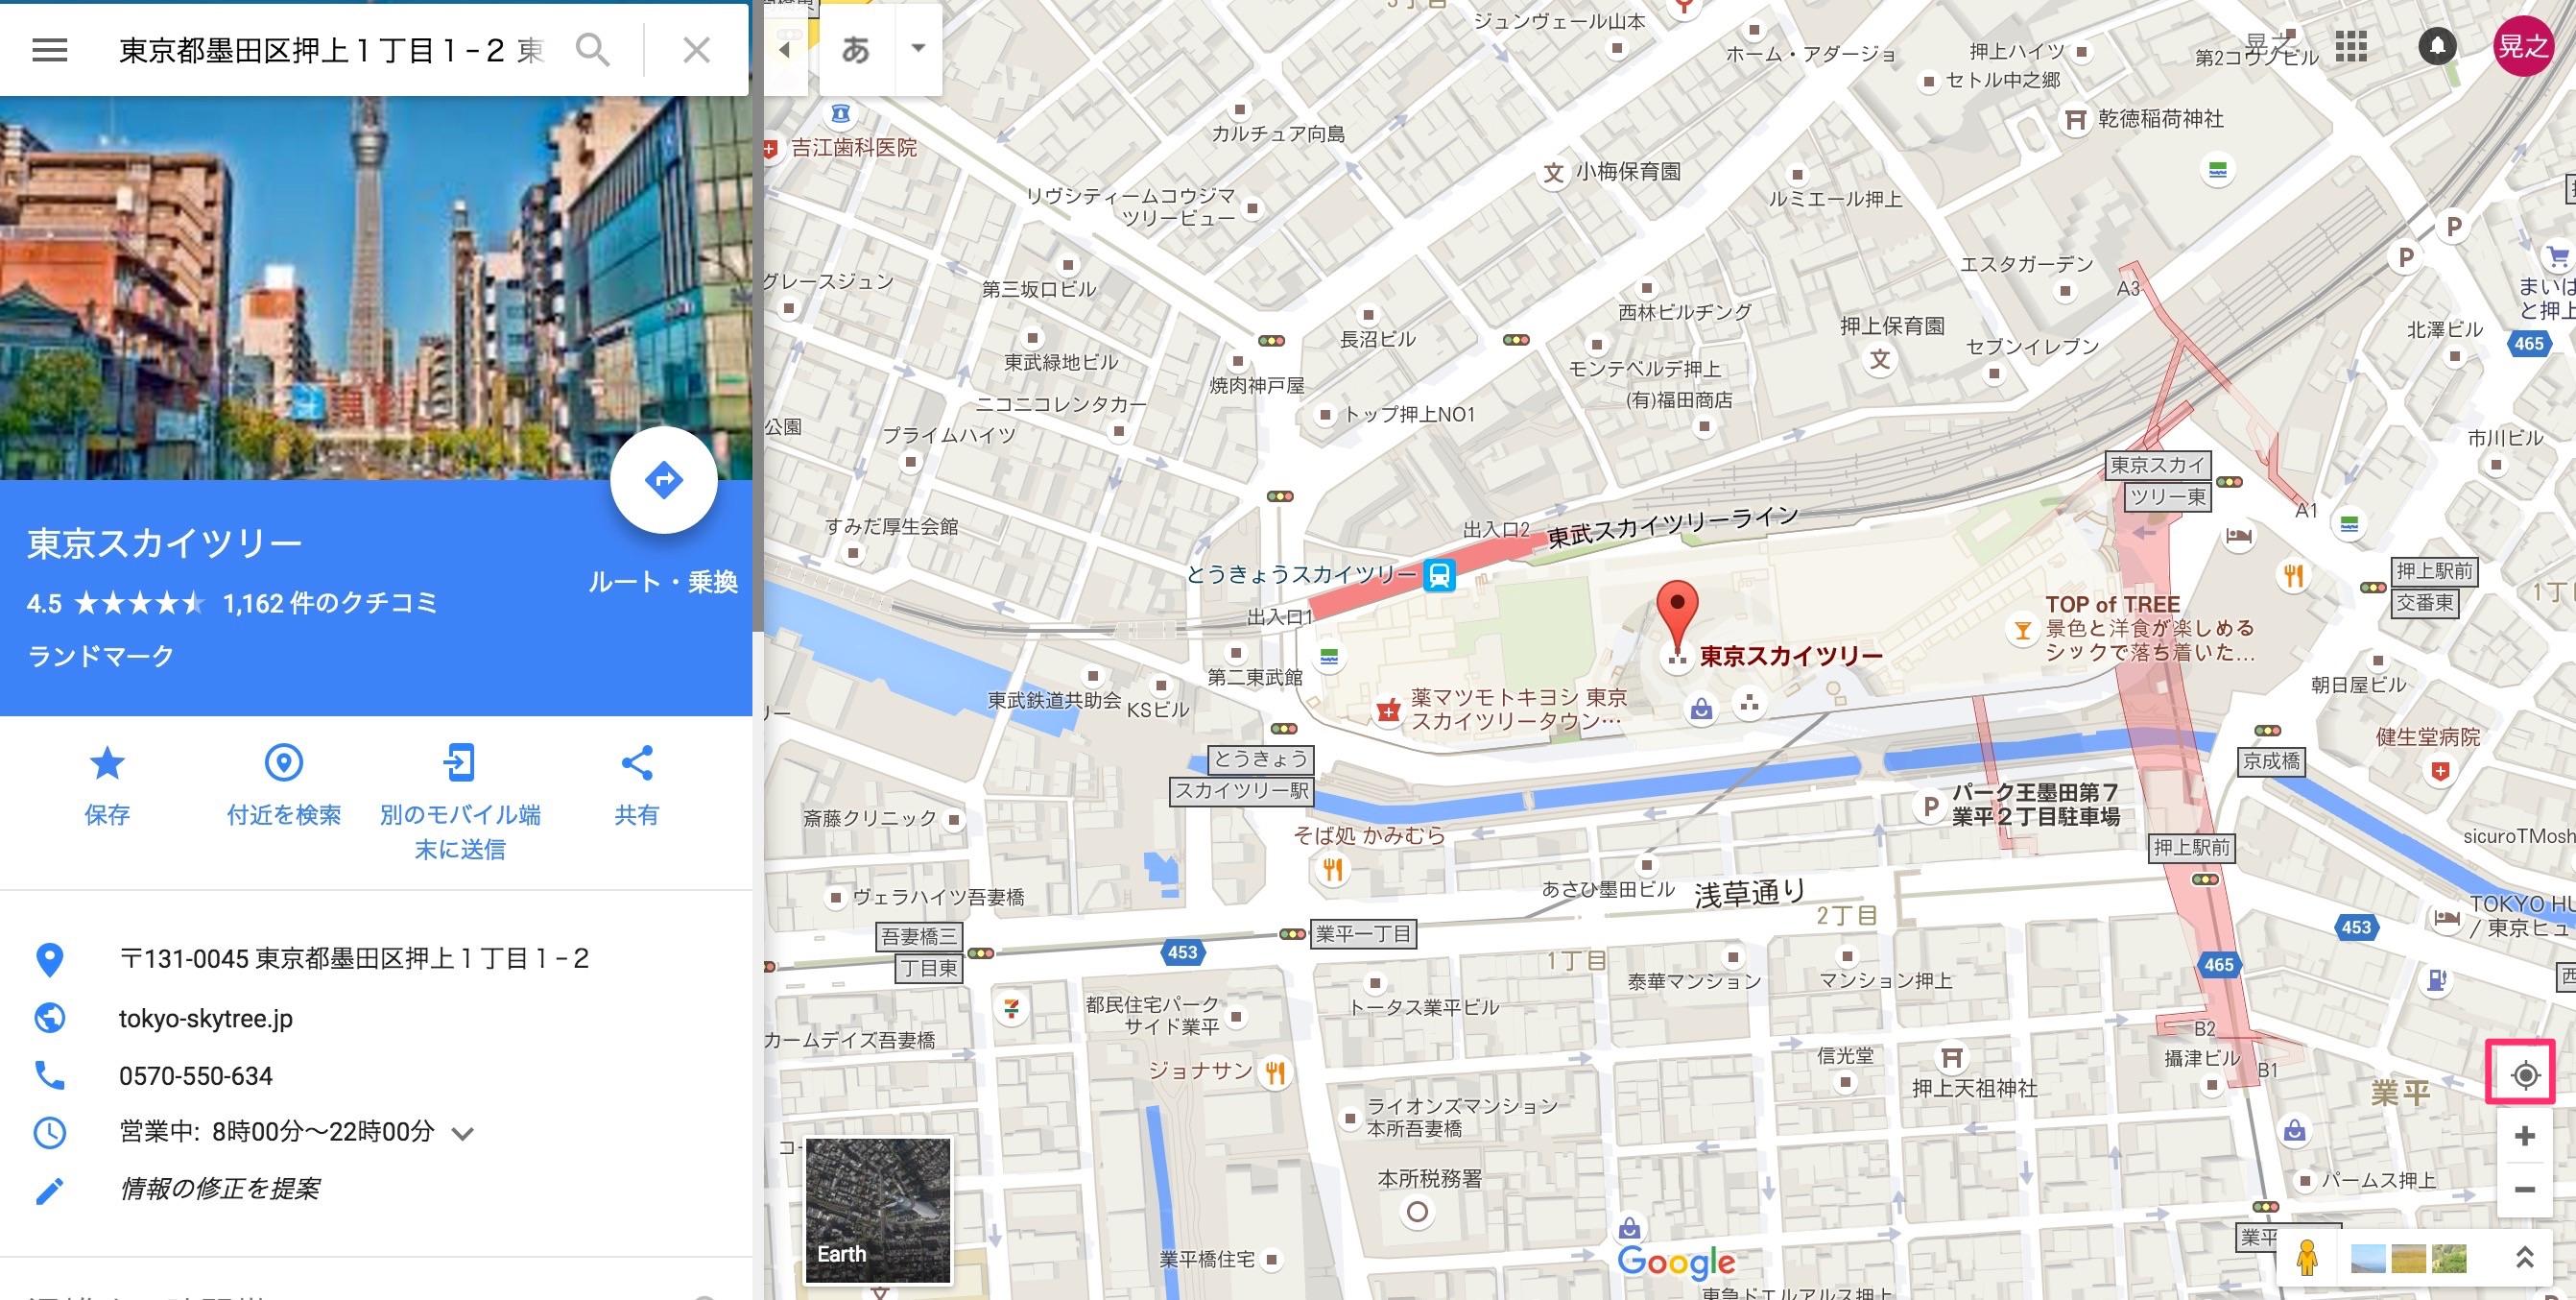 グーグルマップで現在地を探す